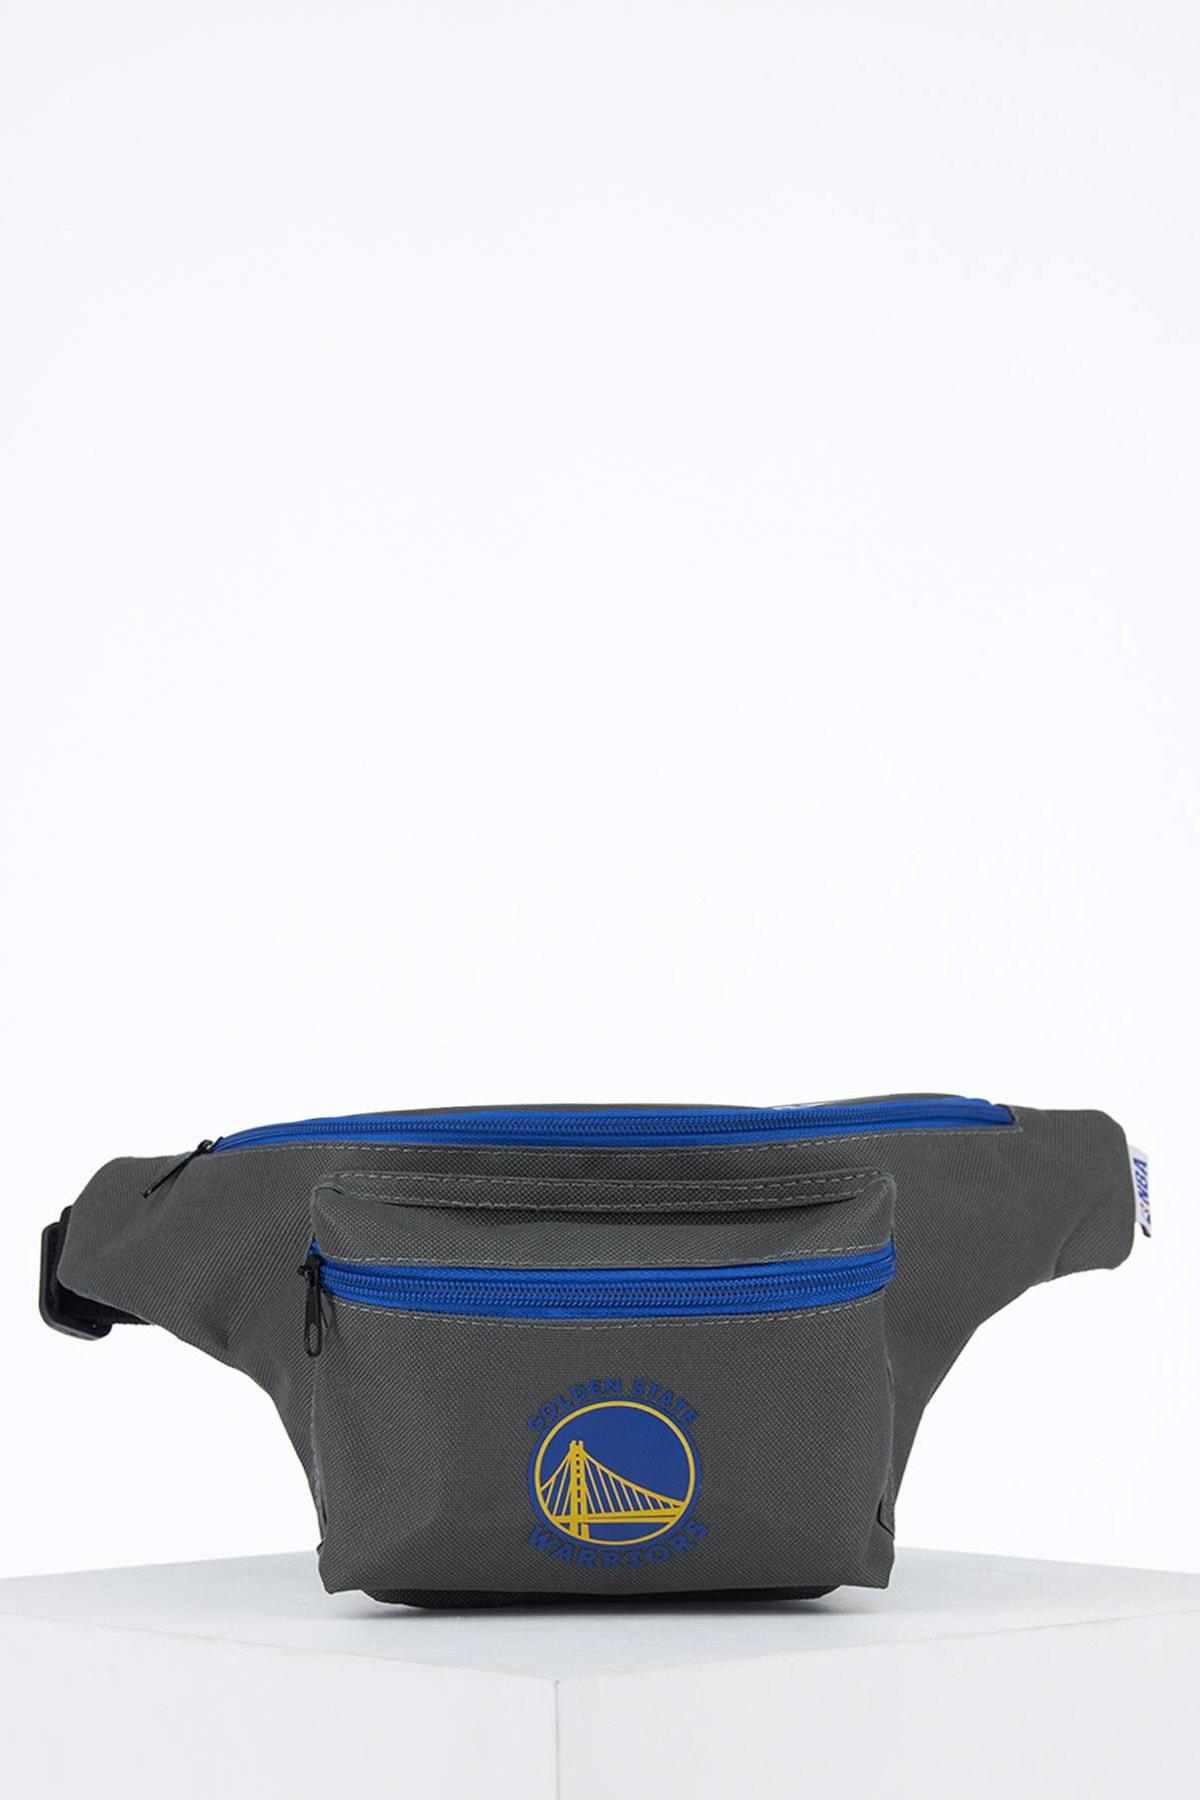 کیف کمری جدید مردانه اصل مارک دفاکتو رنگ نقره ای کد ty99989727